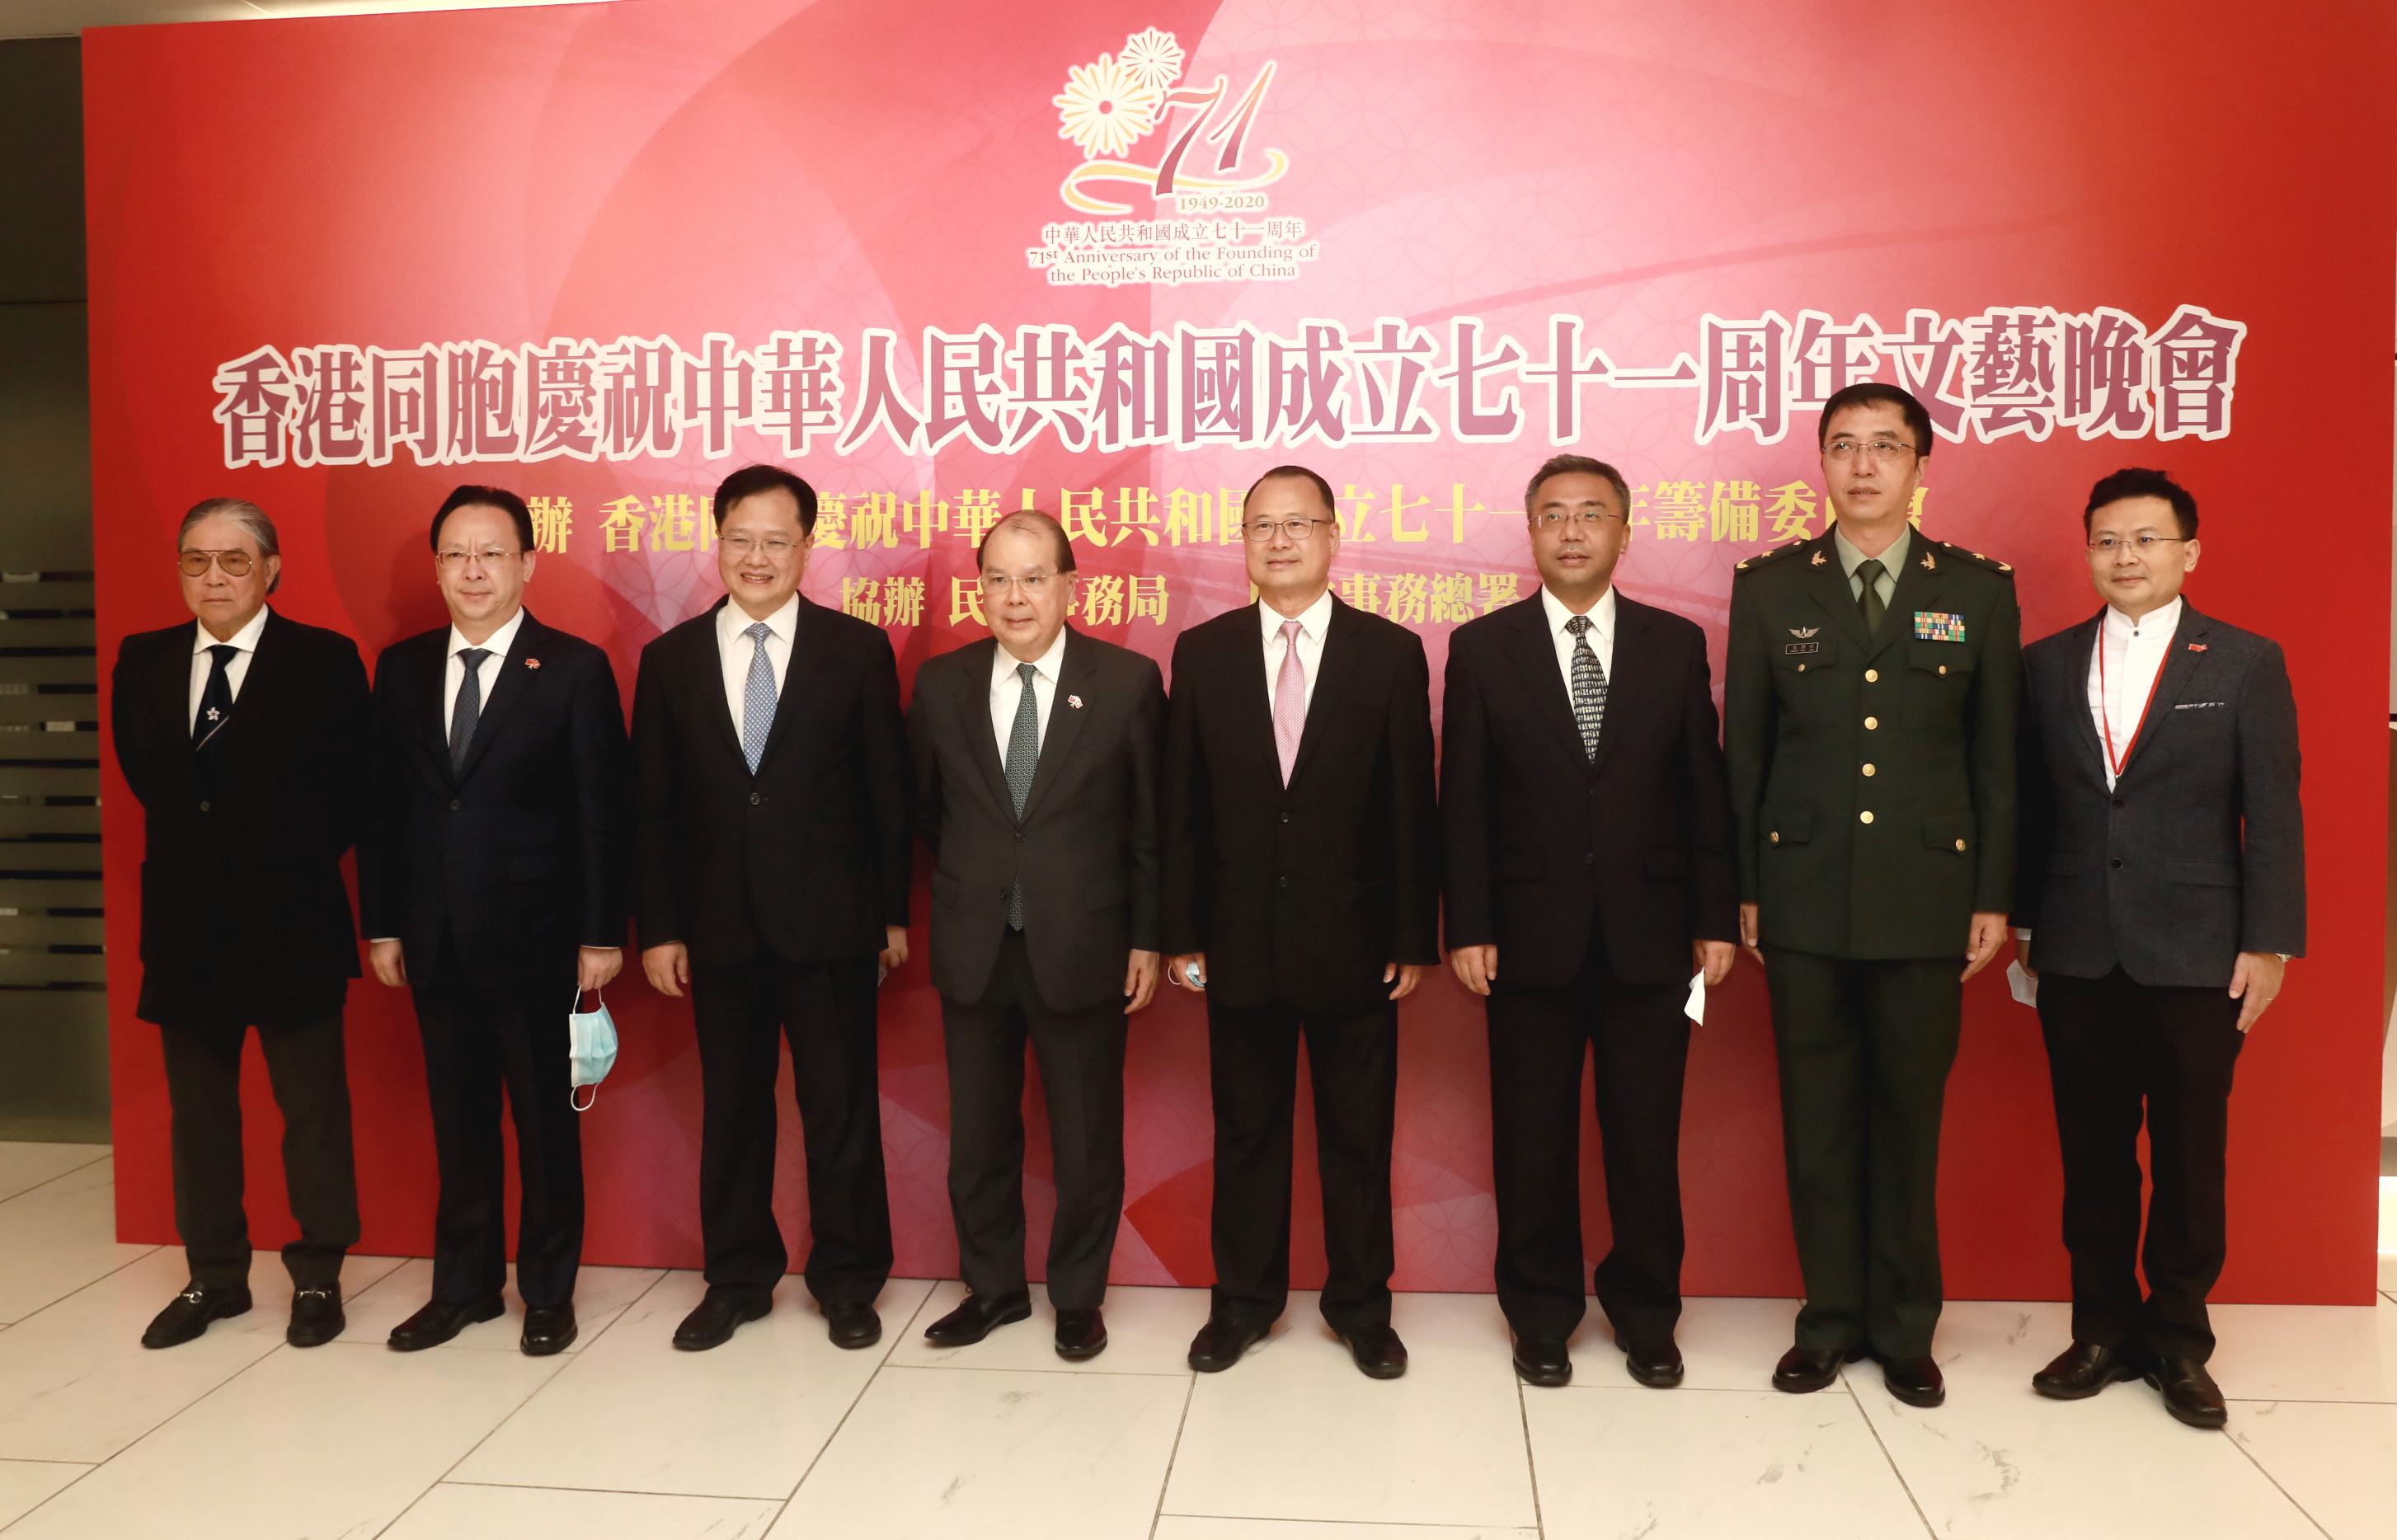 香港同胞慶祝中華人民共和國成立71周年文藝晚會,13日晚在紅磡體育館舉行。晚會由香港同胞慶祝國慶籌委會主辦、以「自强不息」為主題。(大公文匯全媒體記者攝)